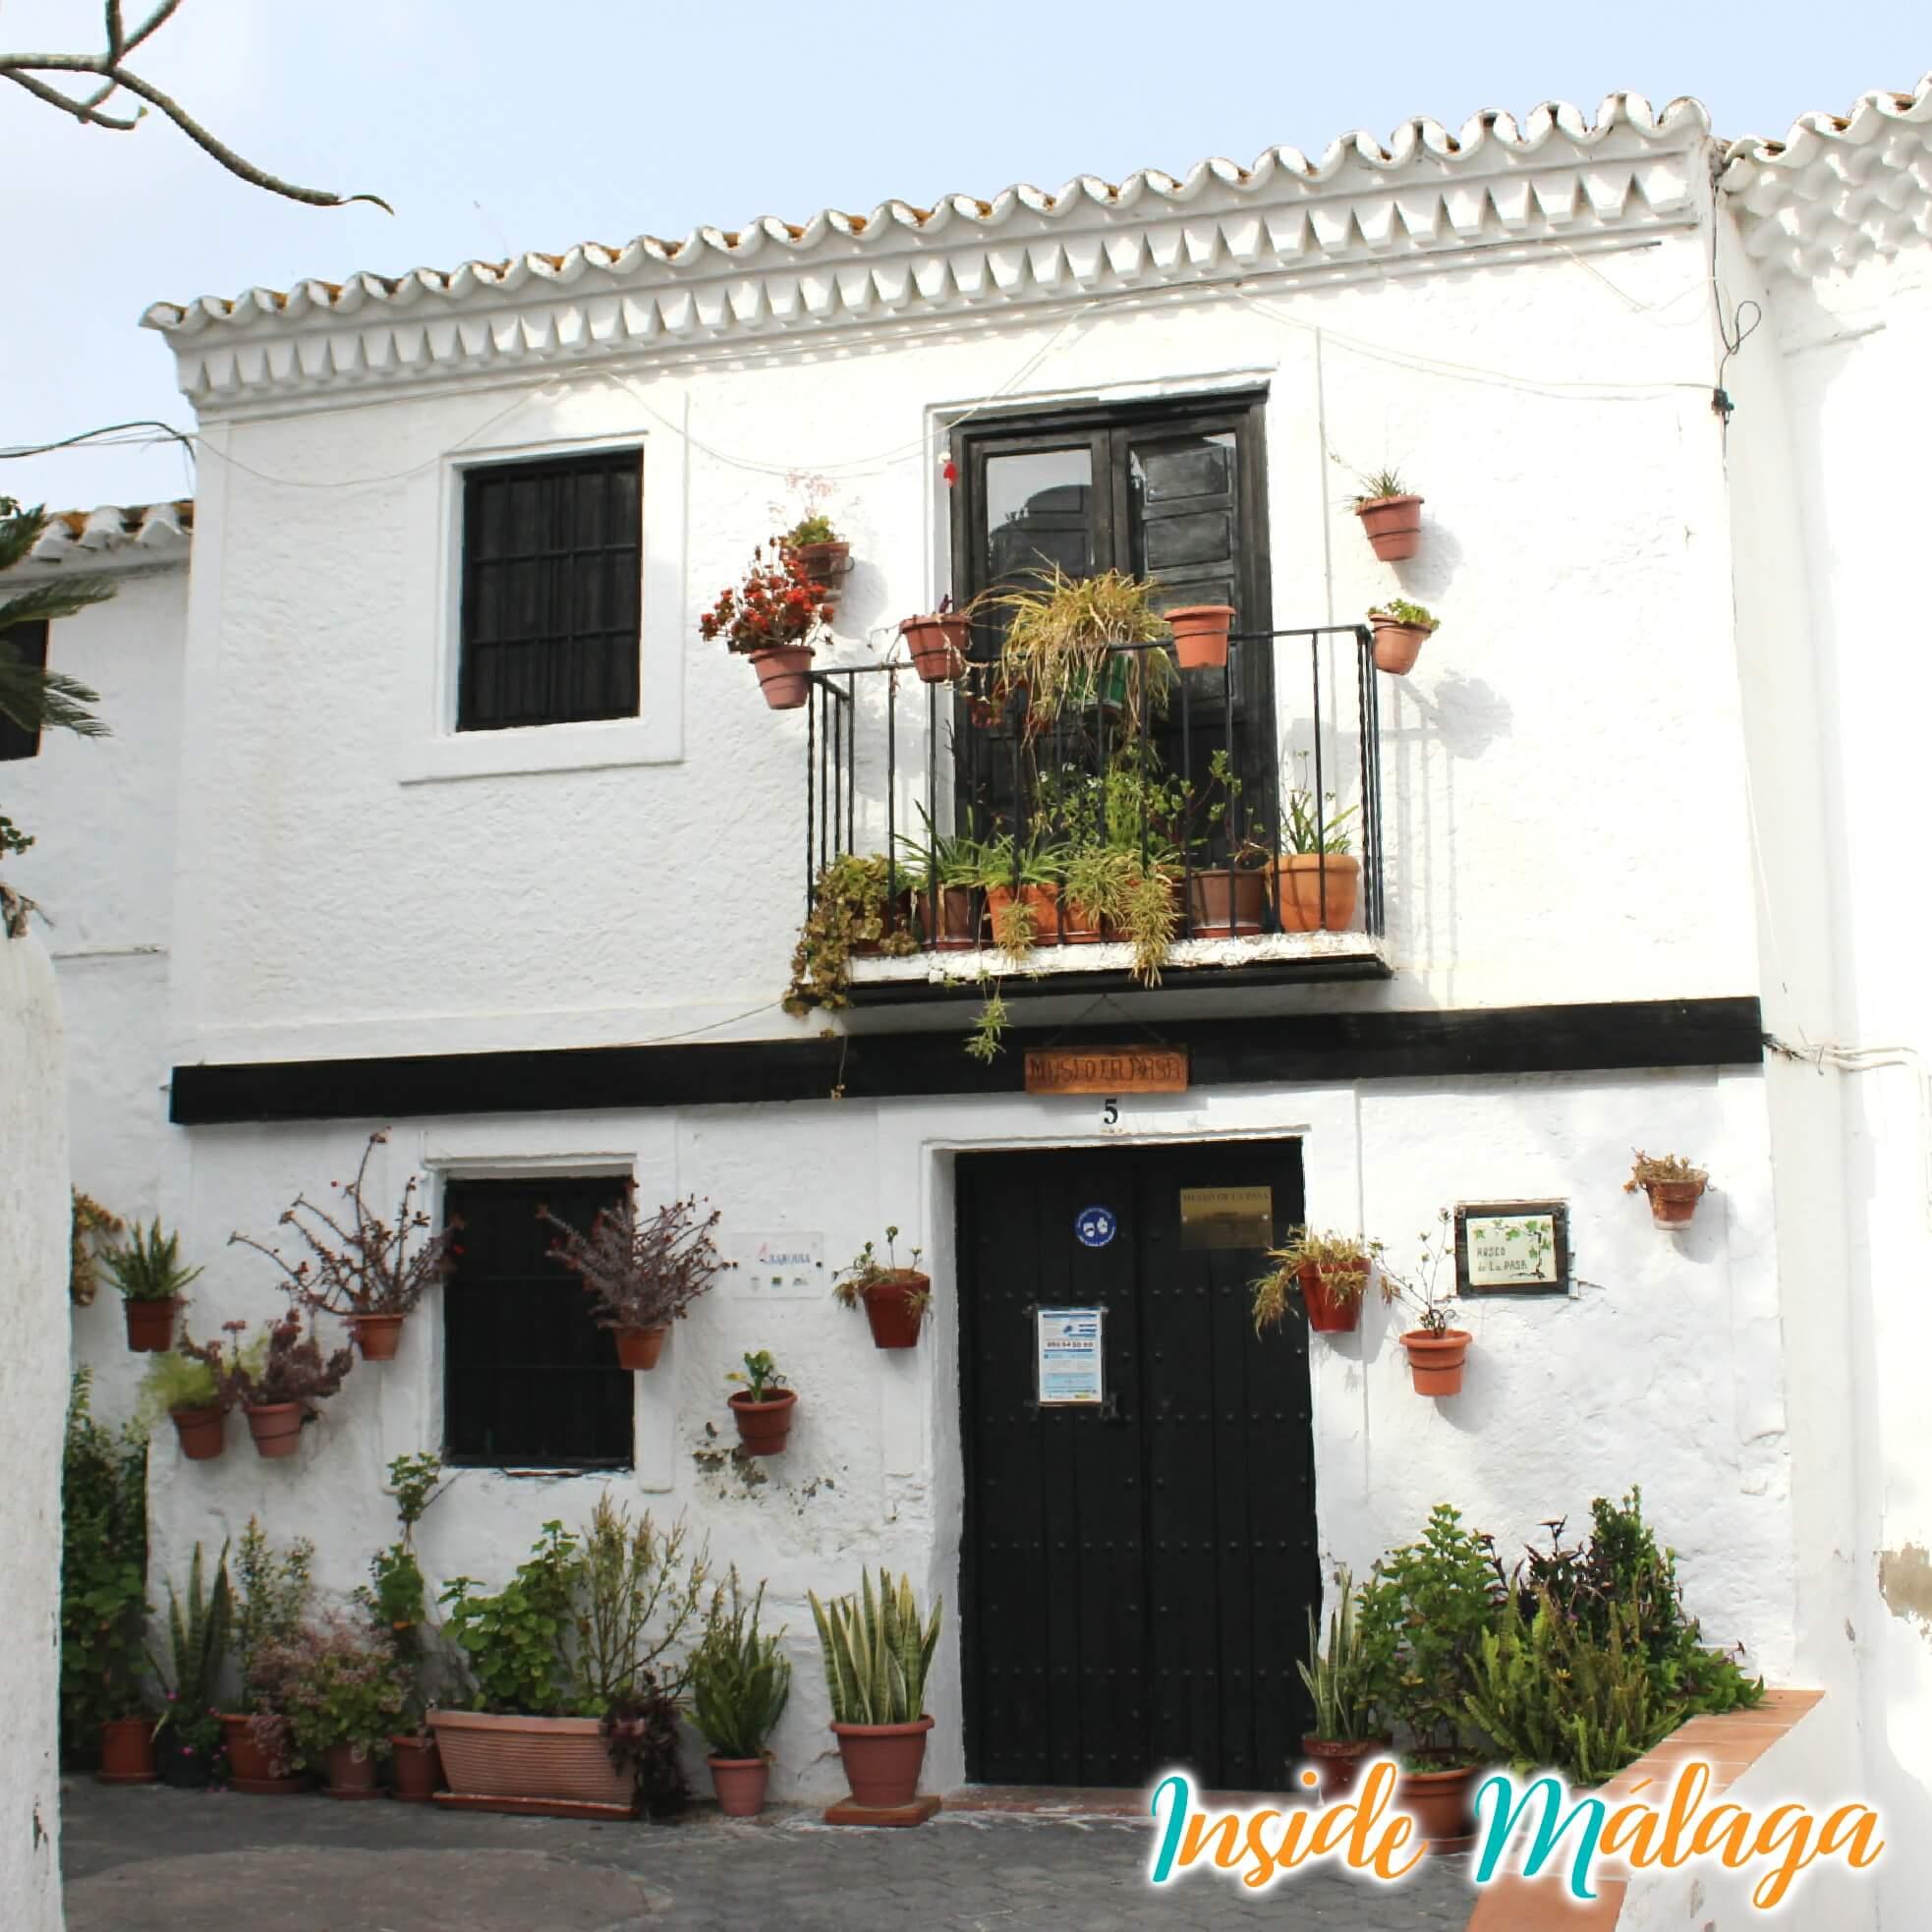 Raisin Museum Almachar Malaga